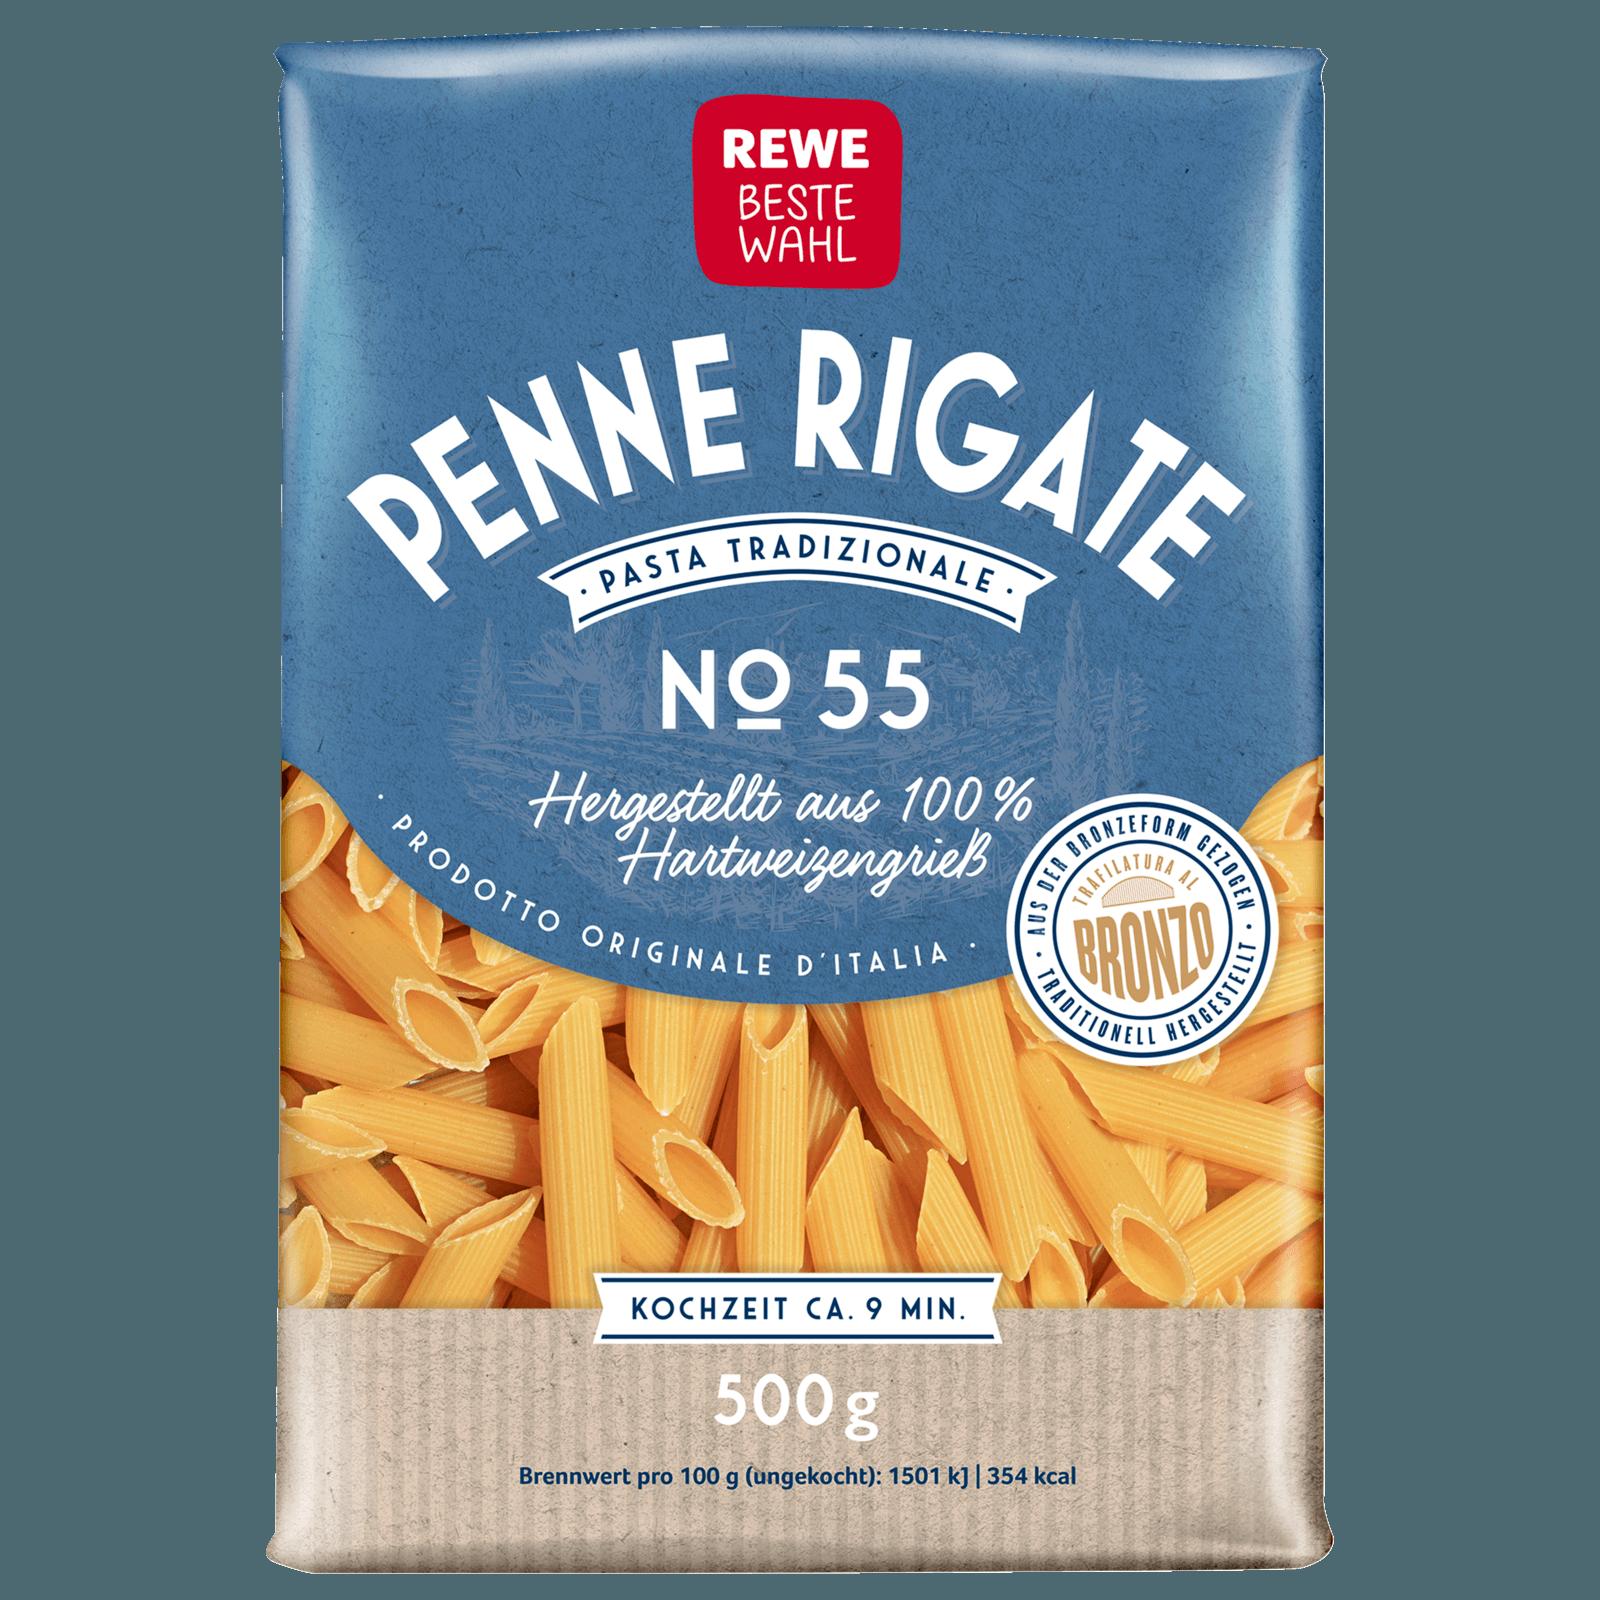 REWE Beste Wahl Penne Mezzane Rigate 500g